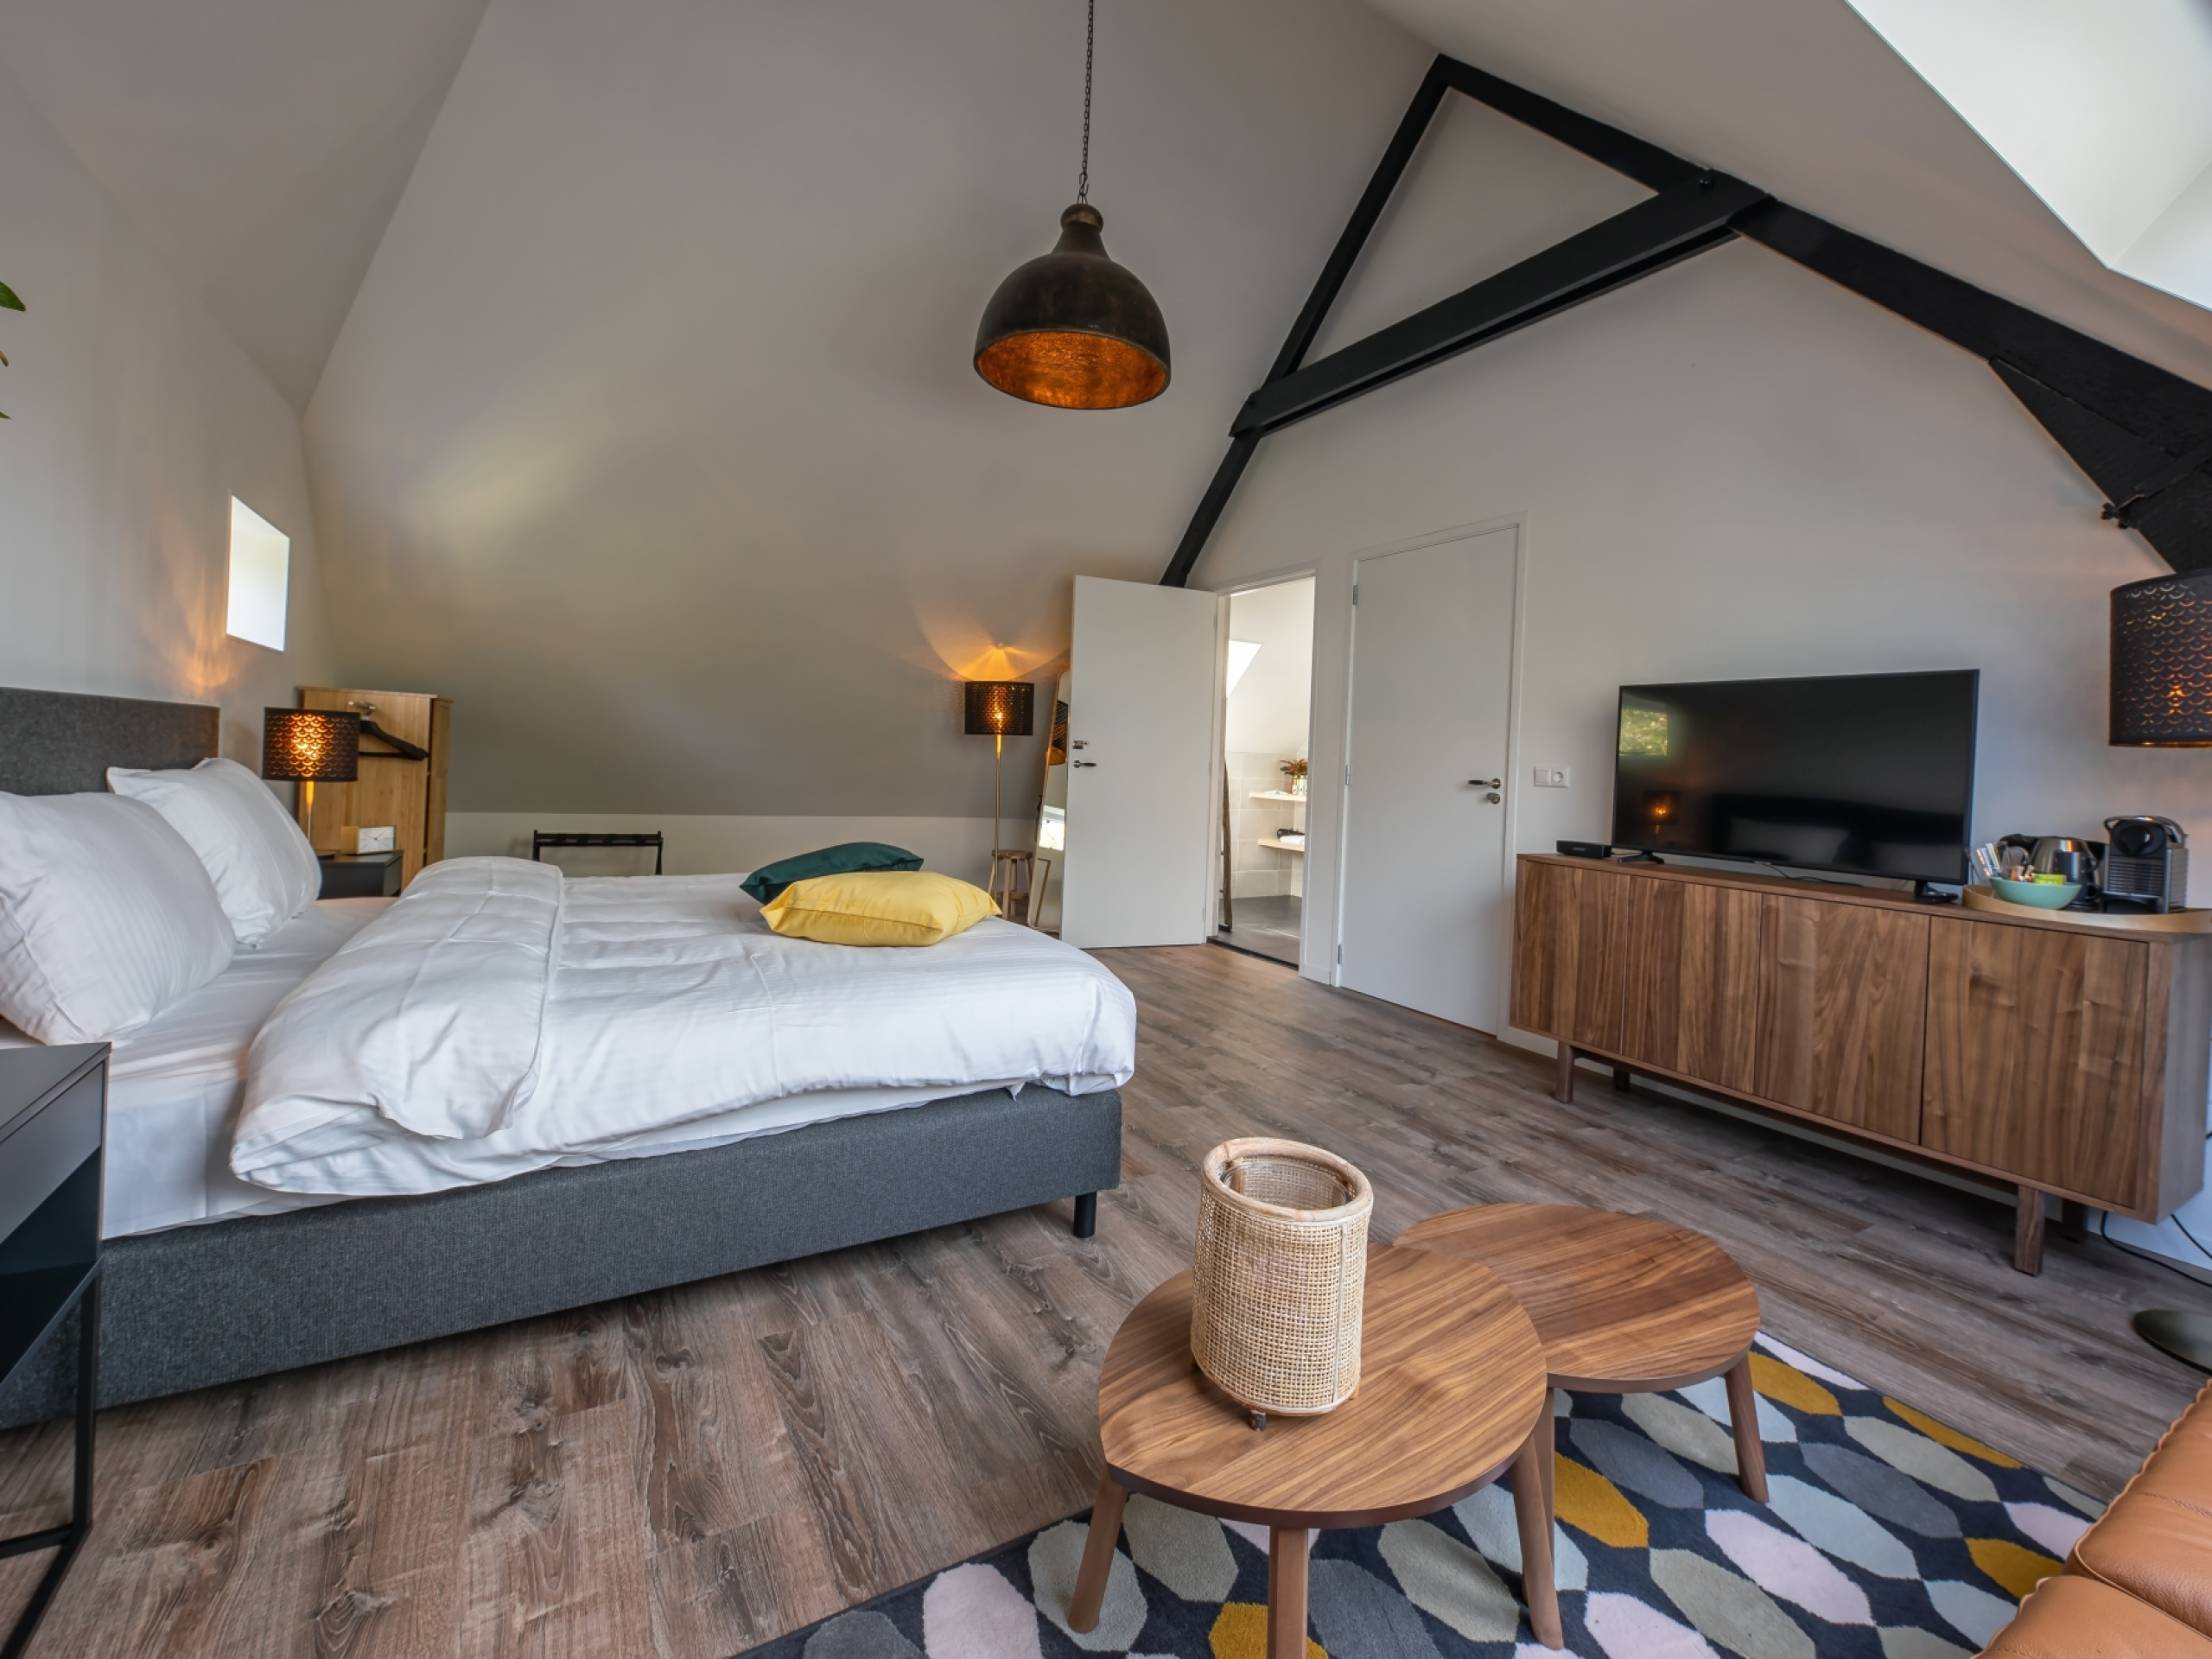 Suite im Landhausstil auf einem ehemaligen Heuboden mit Garten in der Nähe von Den Hoorn